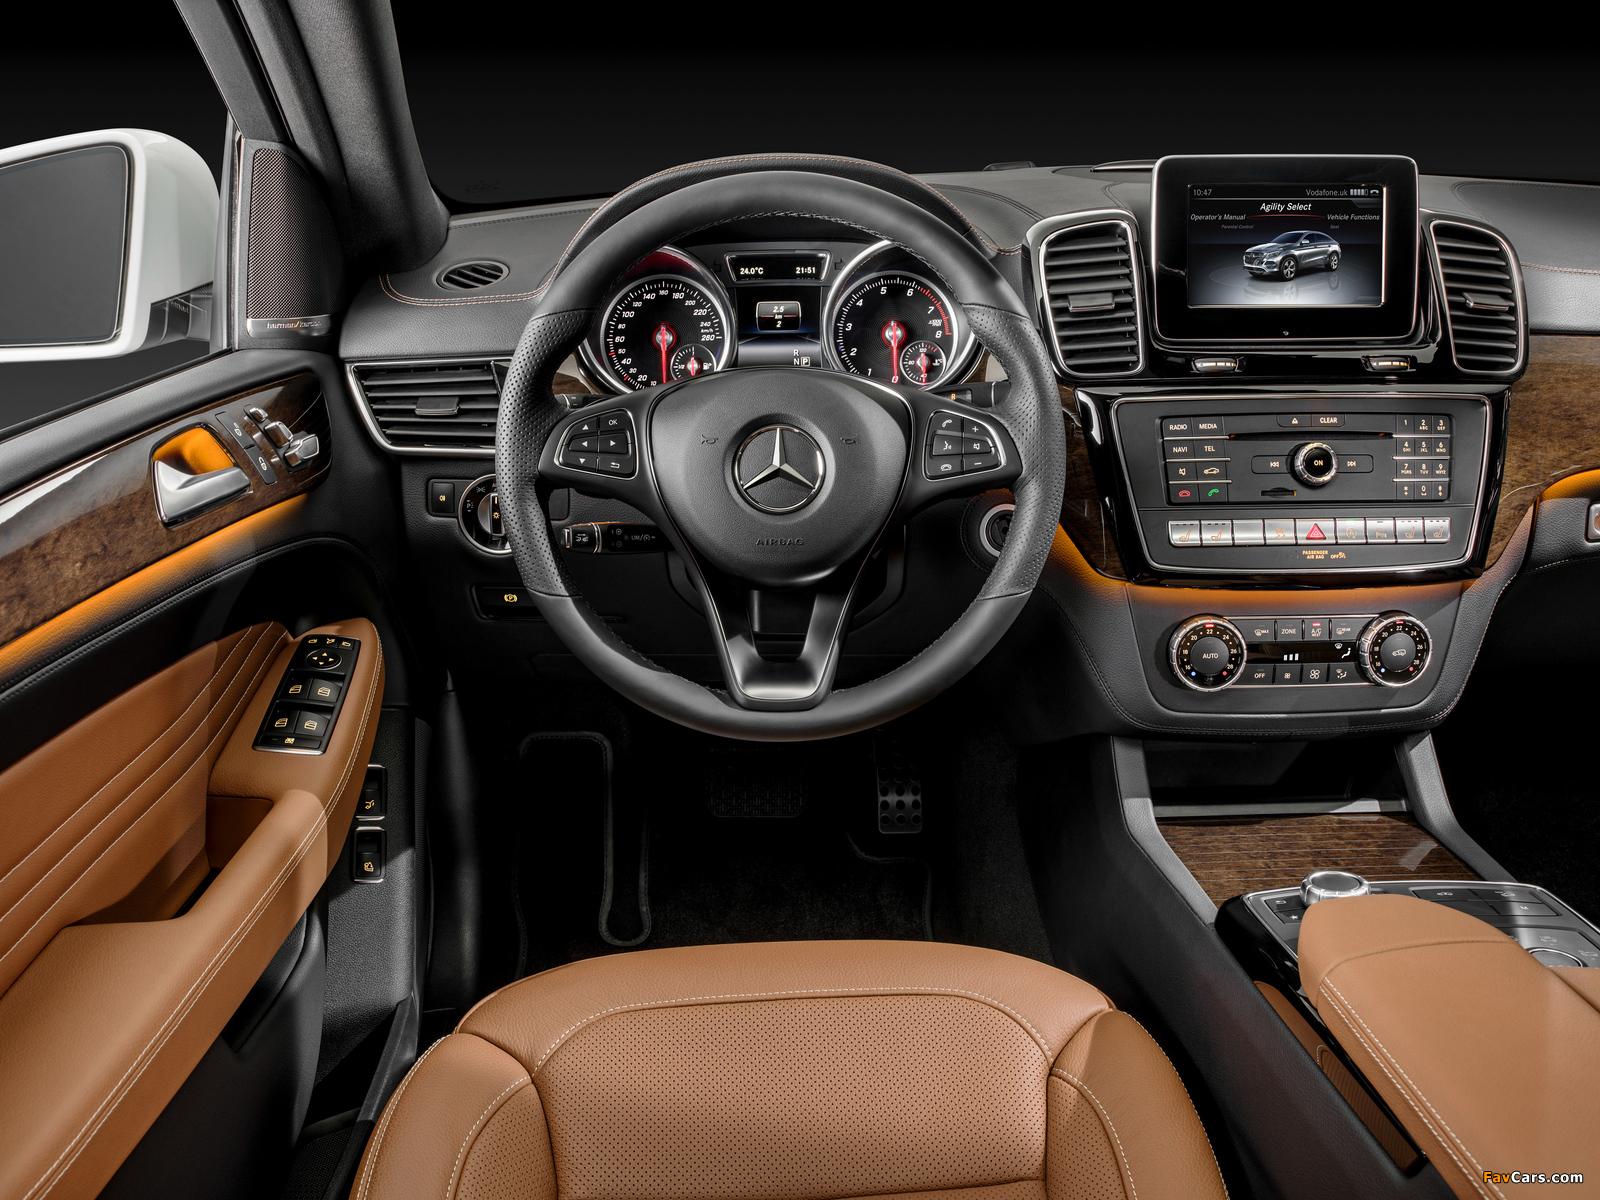 Mercedes-Benz GLE 400 4MATIC Coupé (C292) 2015 images (1600 x 1200)